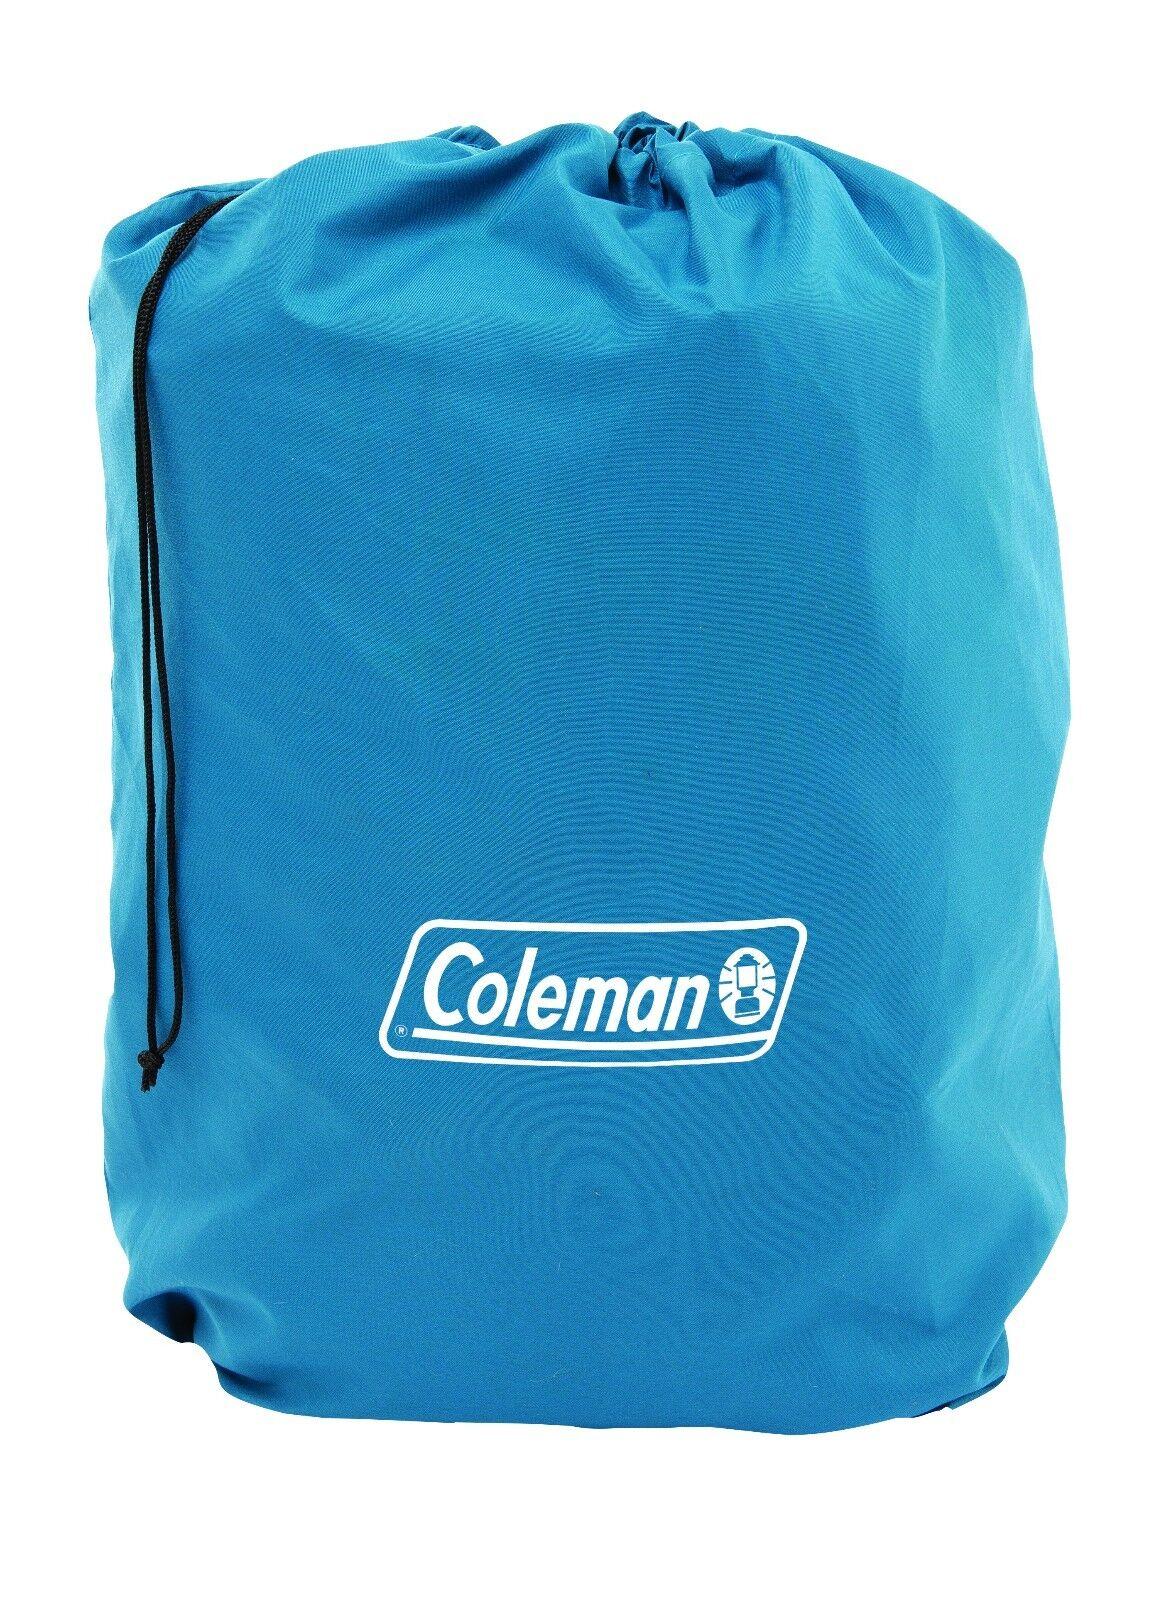 Coleman Extra Durable Airbed Double Double Double Luftbett Campingbett Isomatte 2000031638    Starke Hitze- und Abnutzungsbeständigkeit  83300a